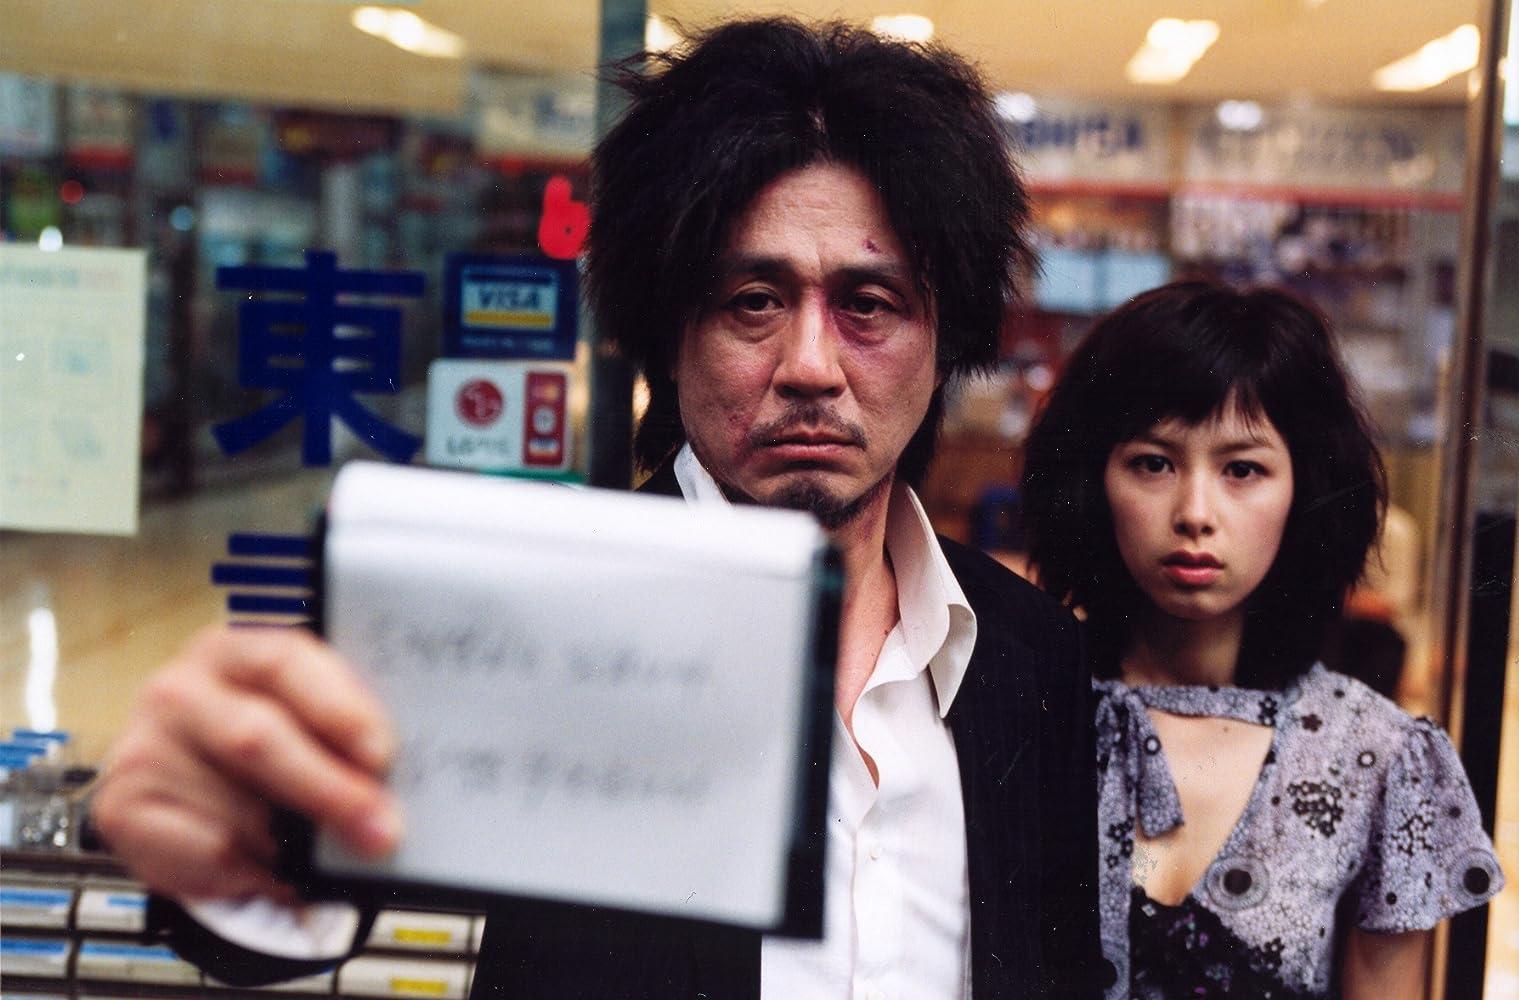 Películas imprescindibles para entender el cine coreano: Oldboy (2003)